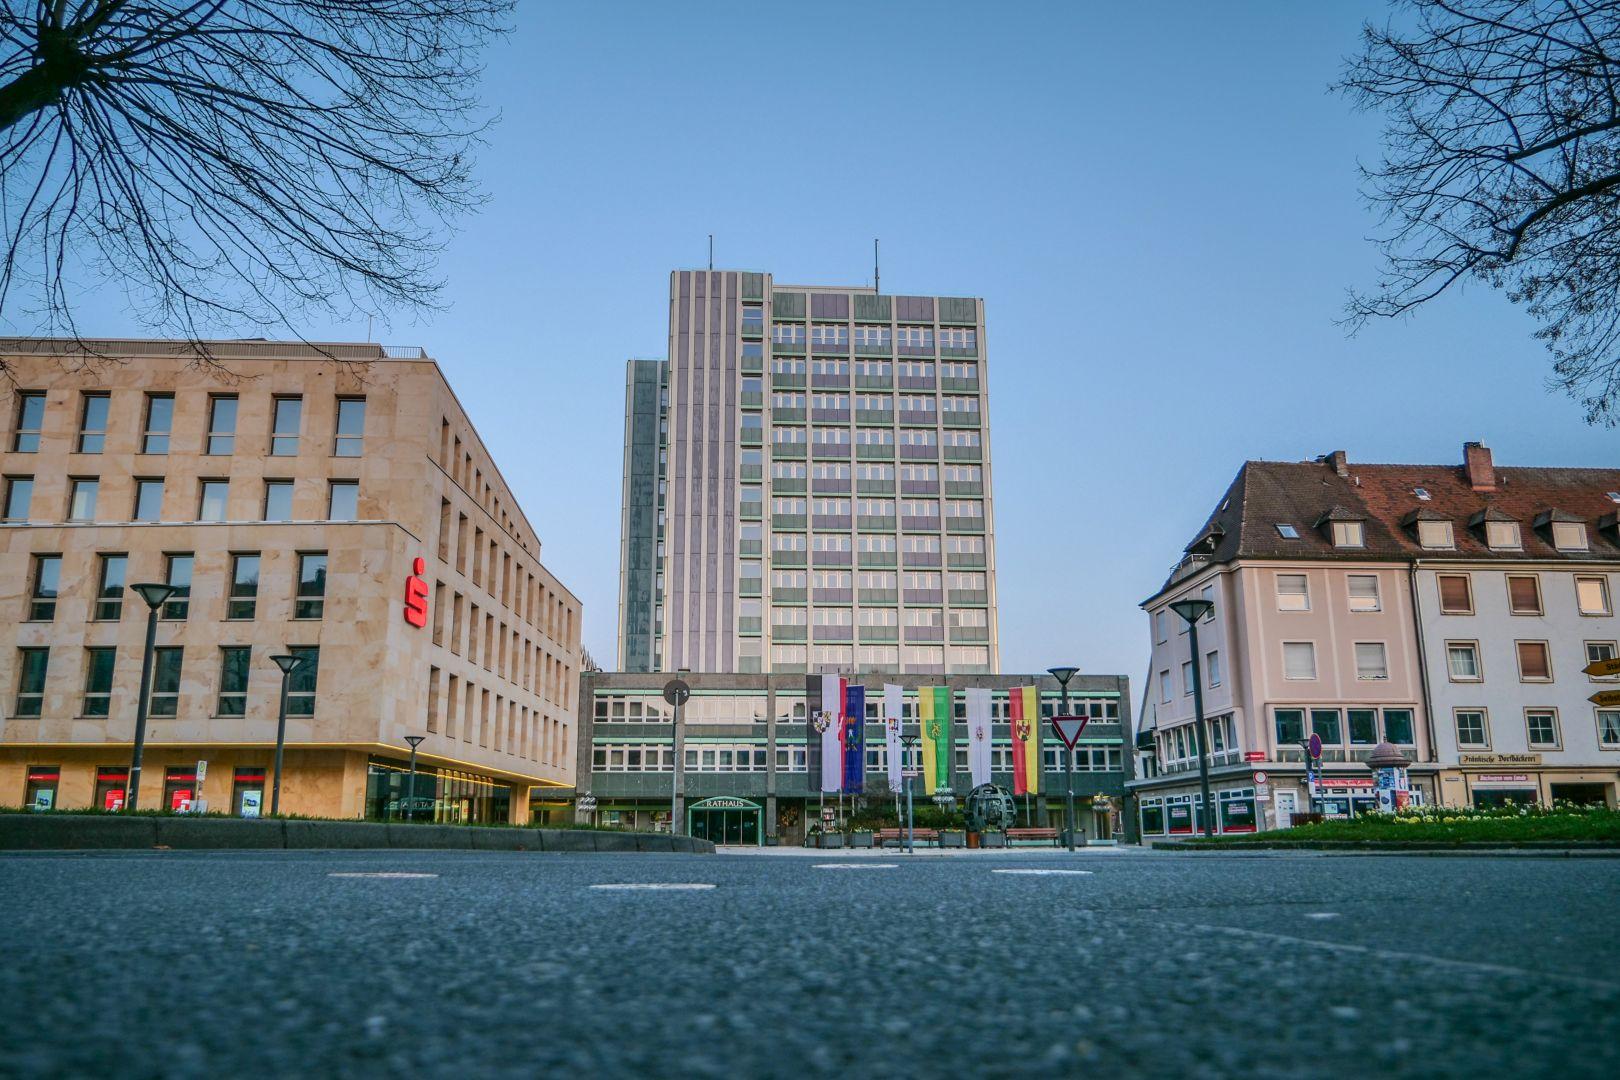 Nachrichten Bayreuth: Bayreuther Wohnbaustrategie und Flüchtlingsaufnahme